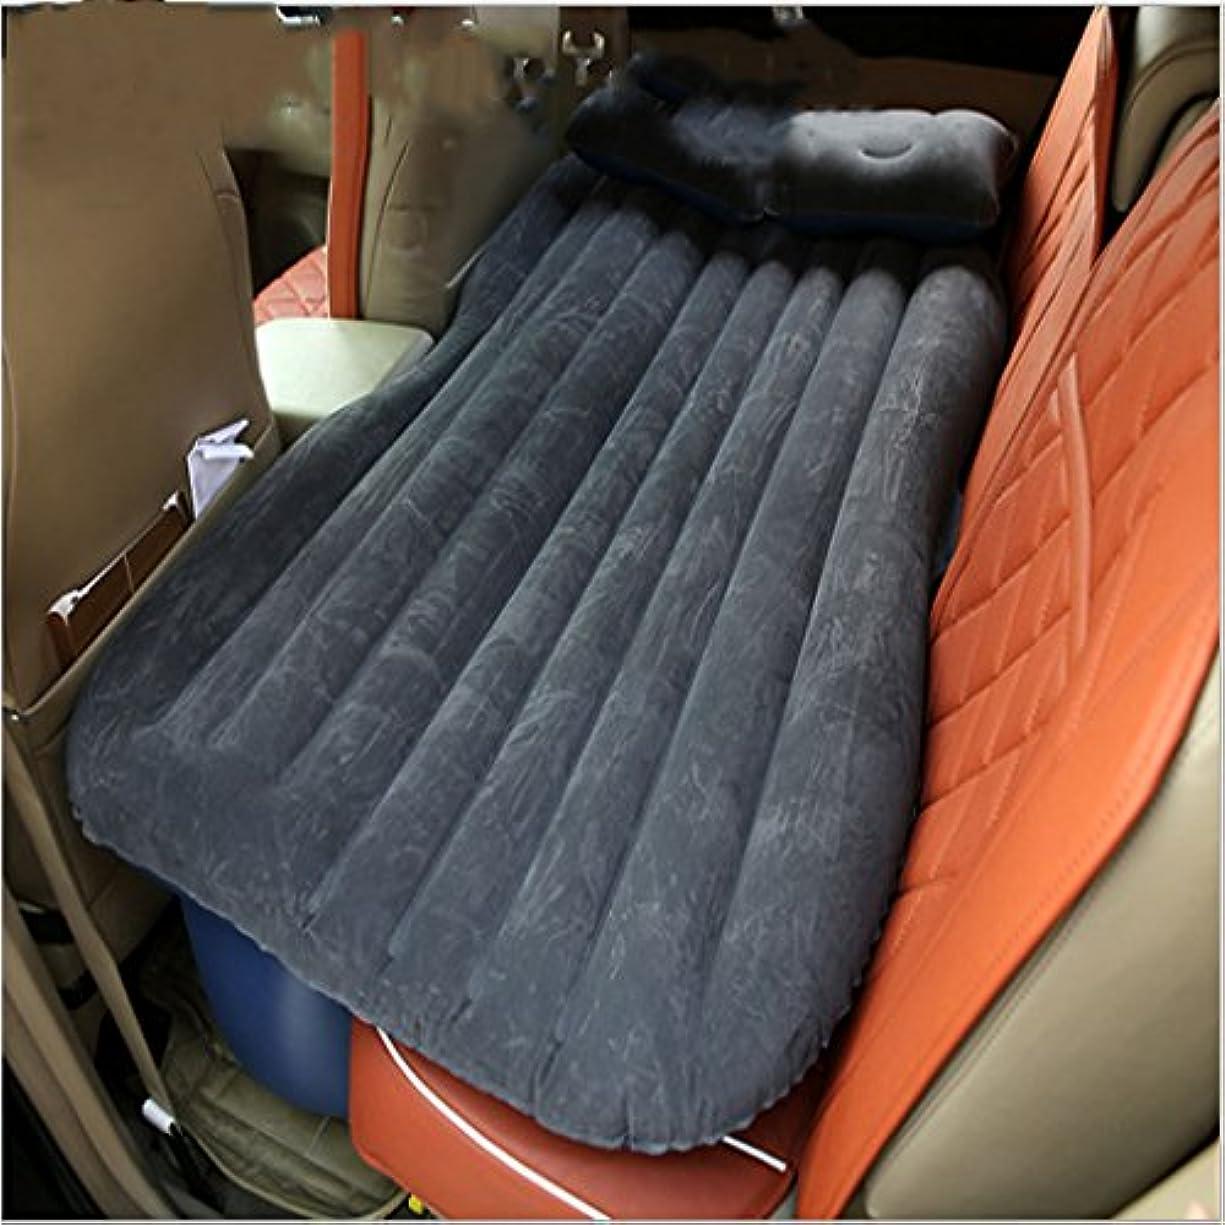 ジャンプホスト相互エアベッド - 車のエアベッドヘッドプロテクター多機能インフレータブルマットレス屋外キャンプフィッシングインフレータブルクッション車のベッド長距離旅行シートクッション // (色 : 黒)